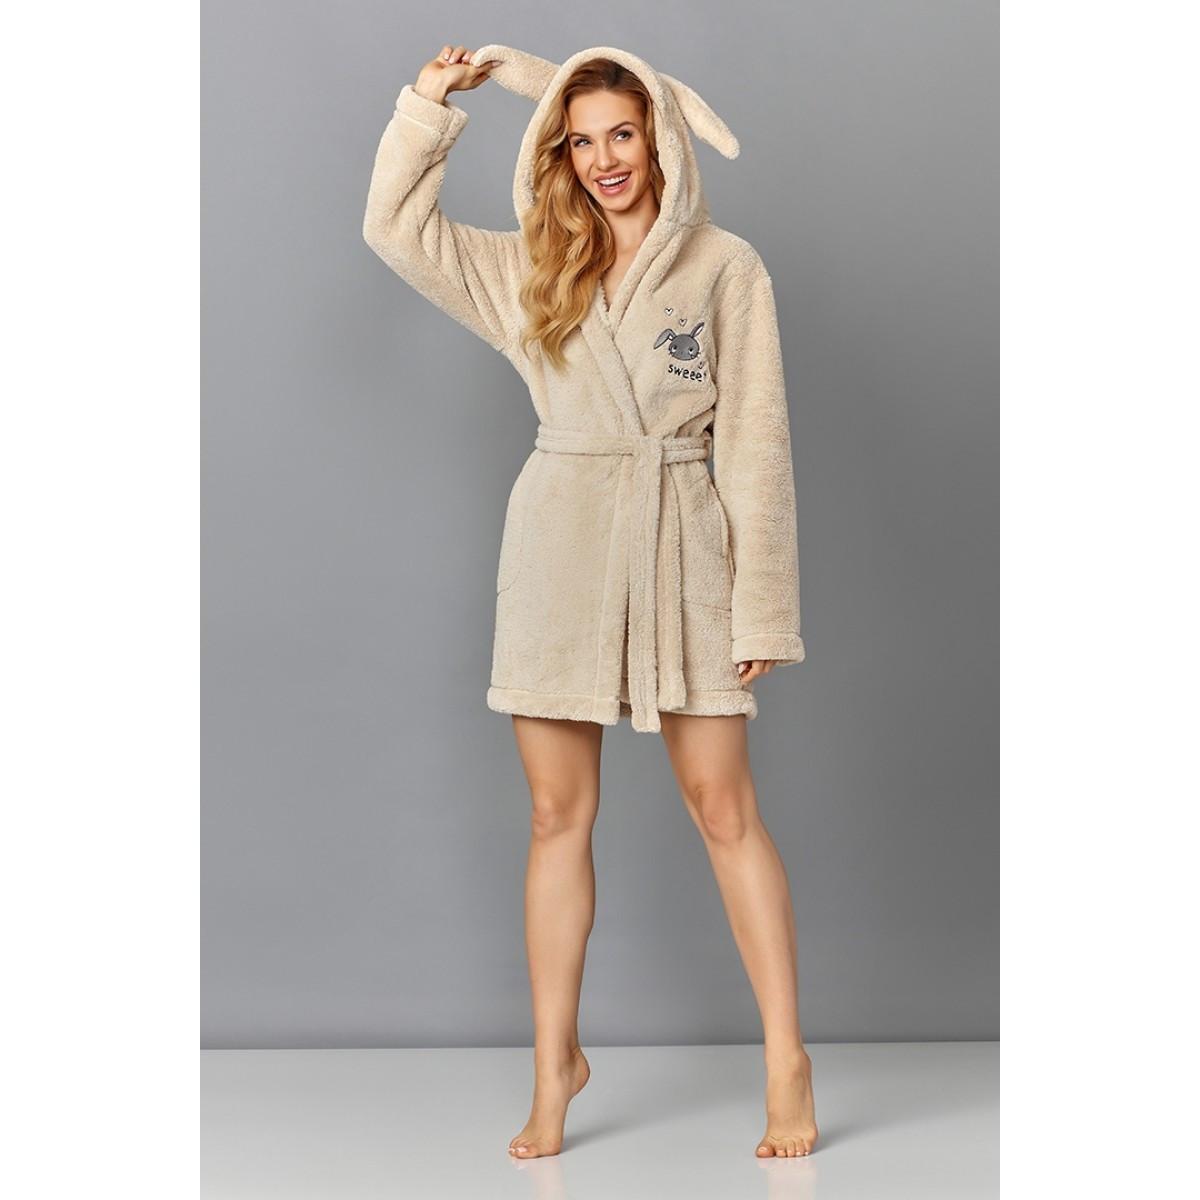 Короткий женский плюшевый халат с капюшоном. Размер М